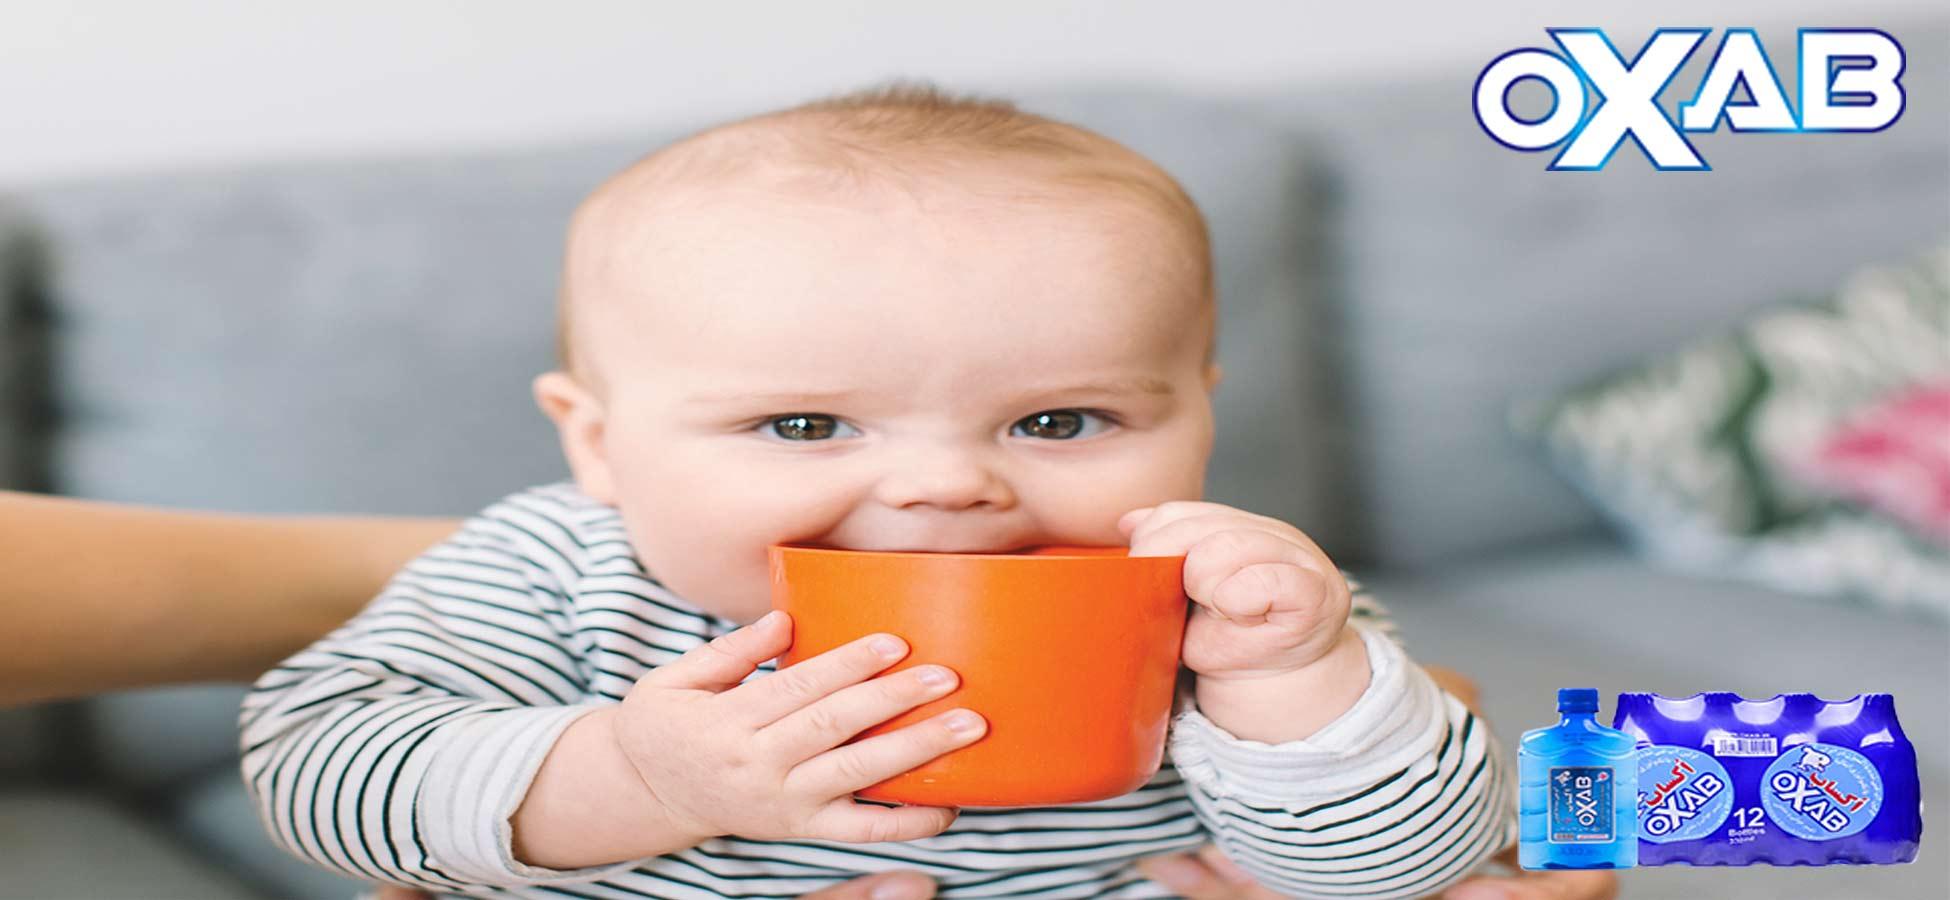 خرید آب . آیا نوزادان میتوانند از آب معدنی استفاده کنند؟